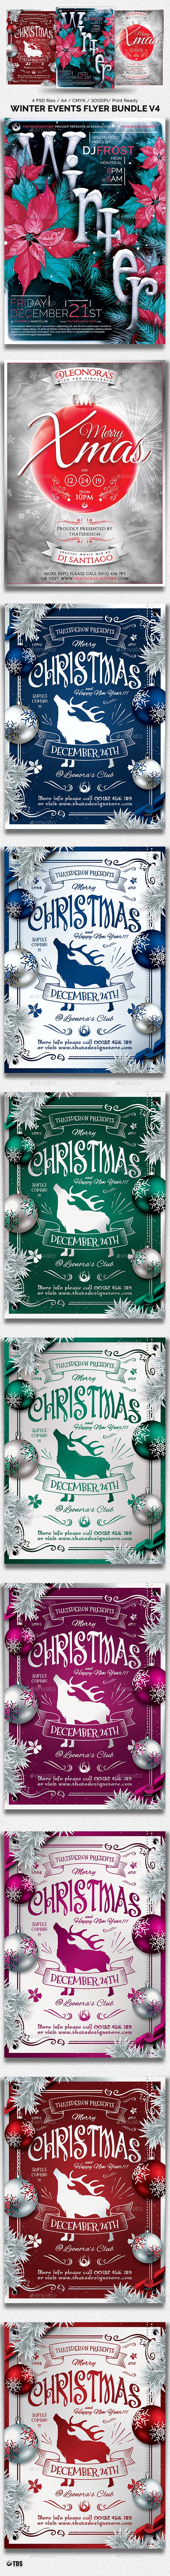 Winter Events Flyer Bundle V4 - Holidays Events